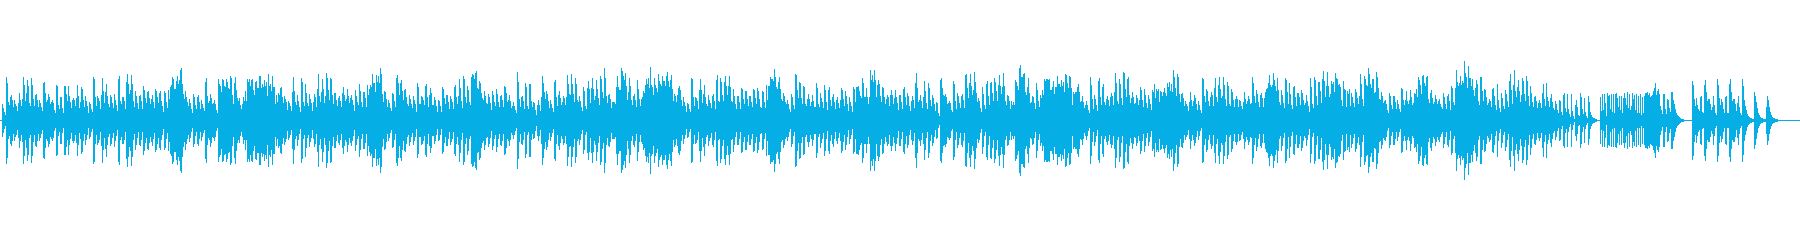 ショパン夜想曲2番のオルゴールの再生済みの波形